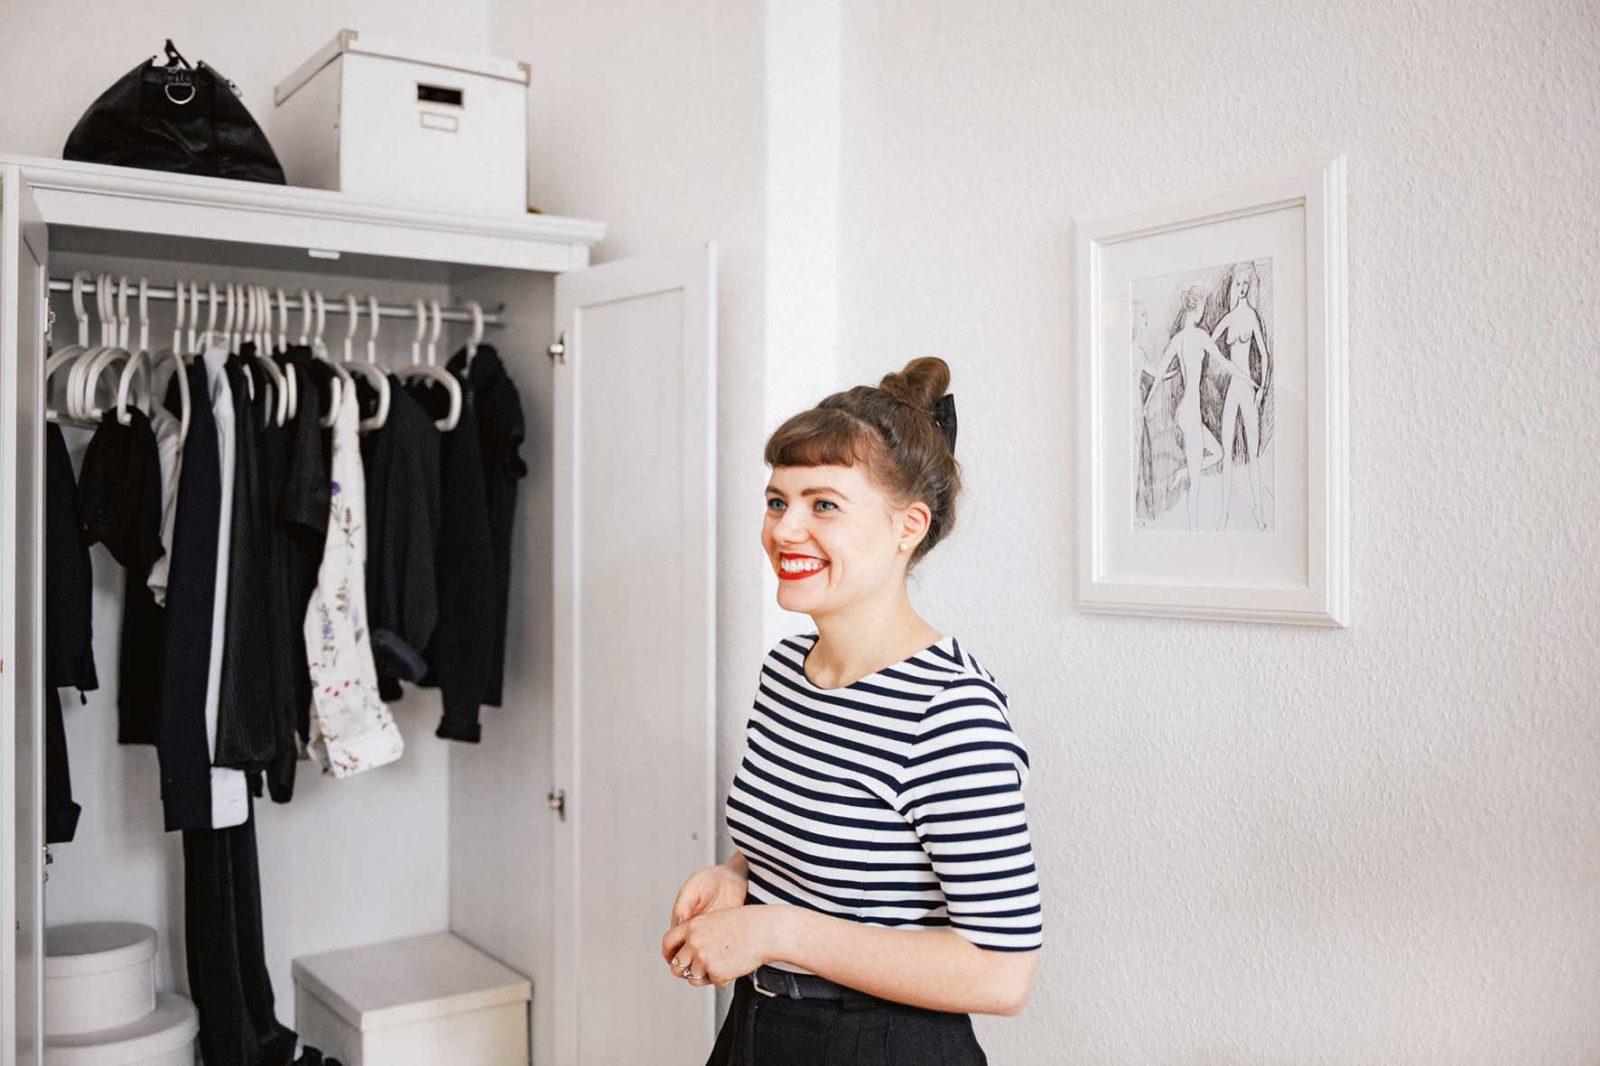 einfach leben minimalismus f r den coffee table g r o s s r t i g. Black Bedroom Furniture Sets. Home Design Ideas